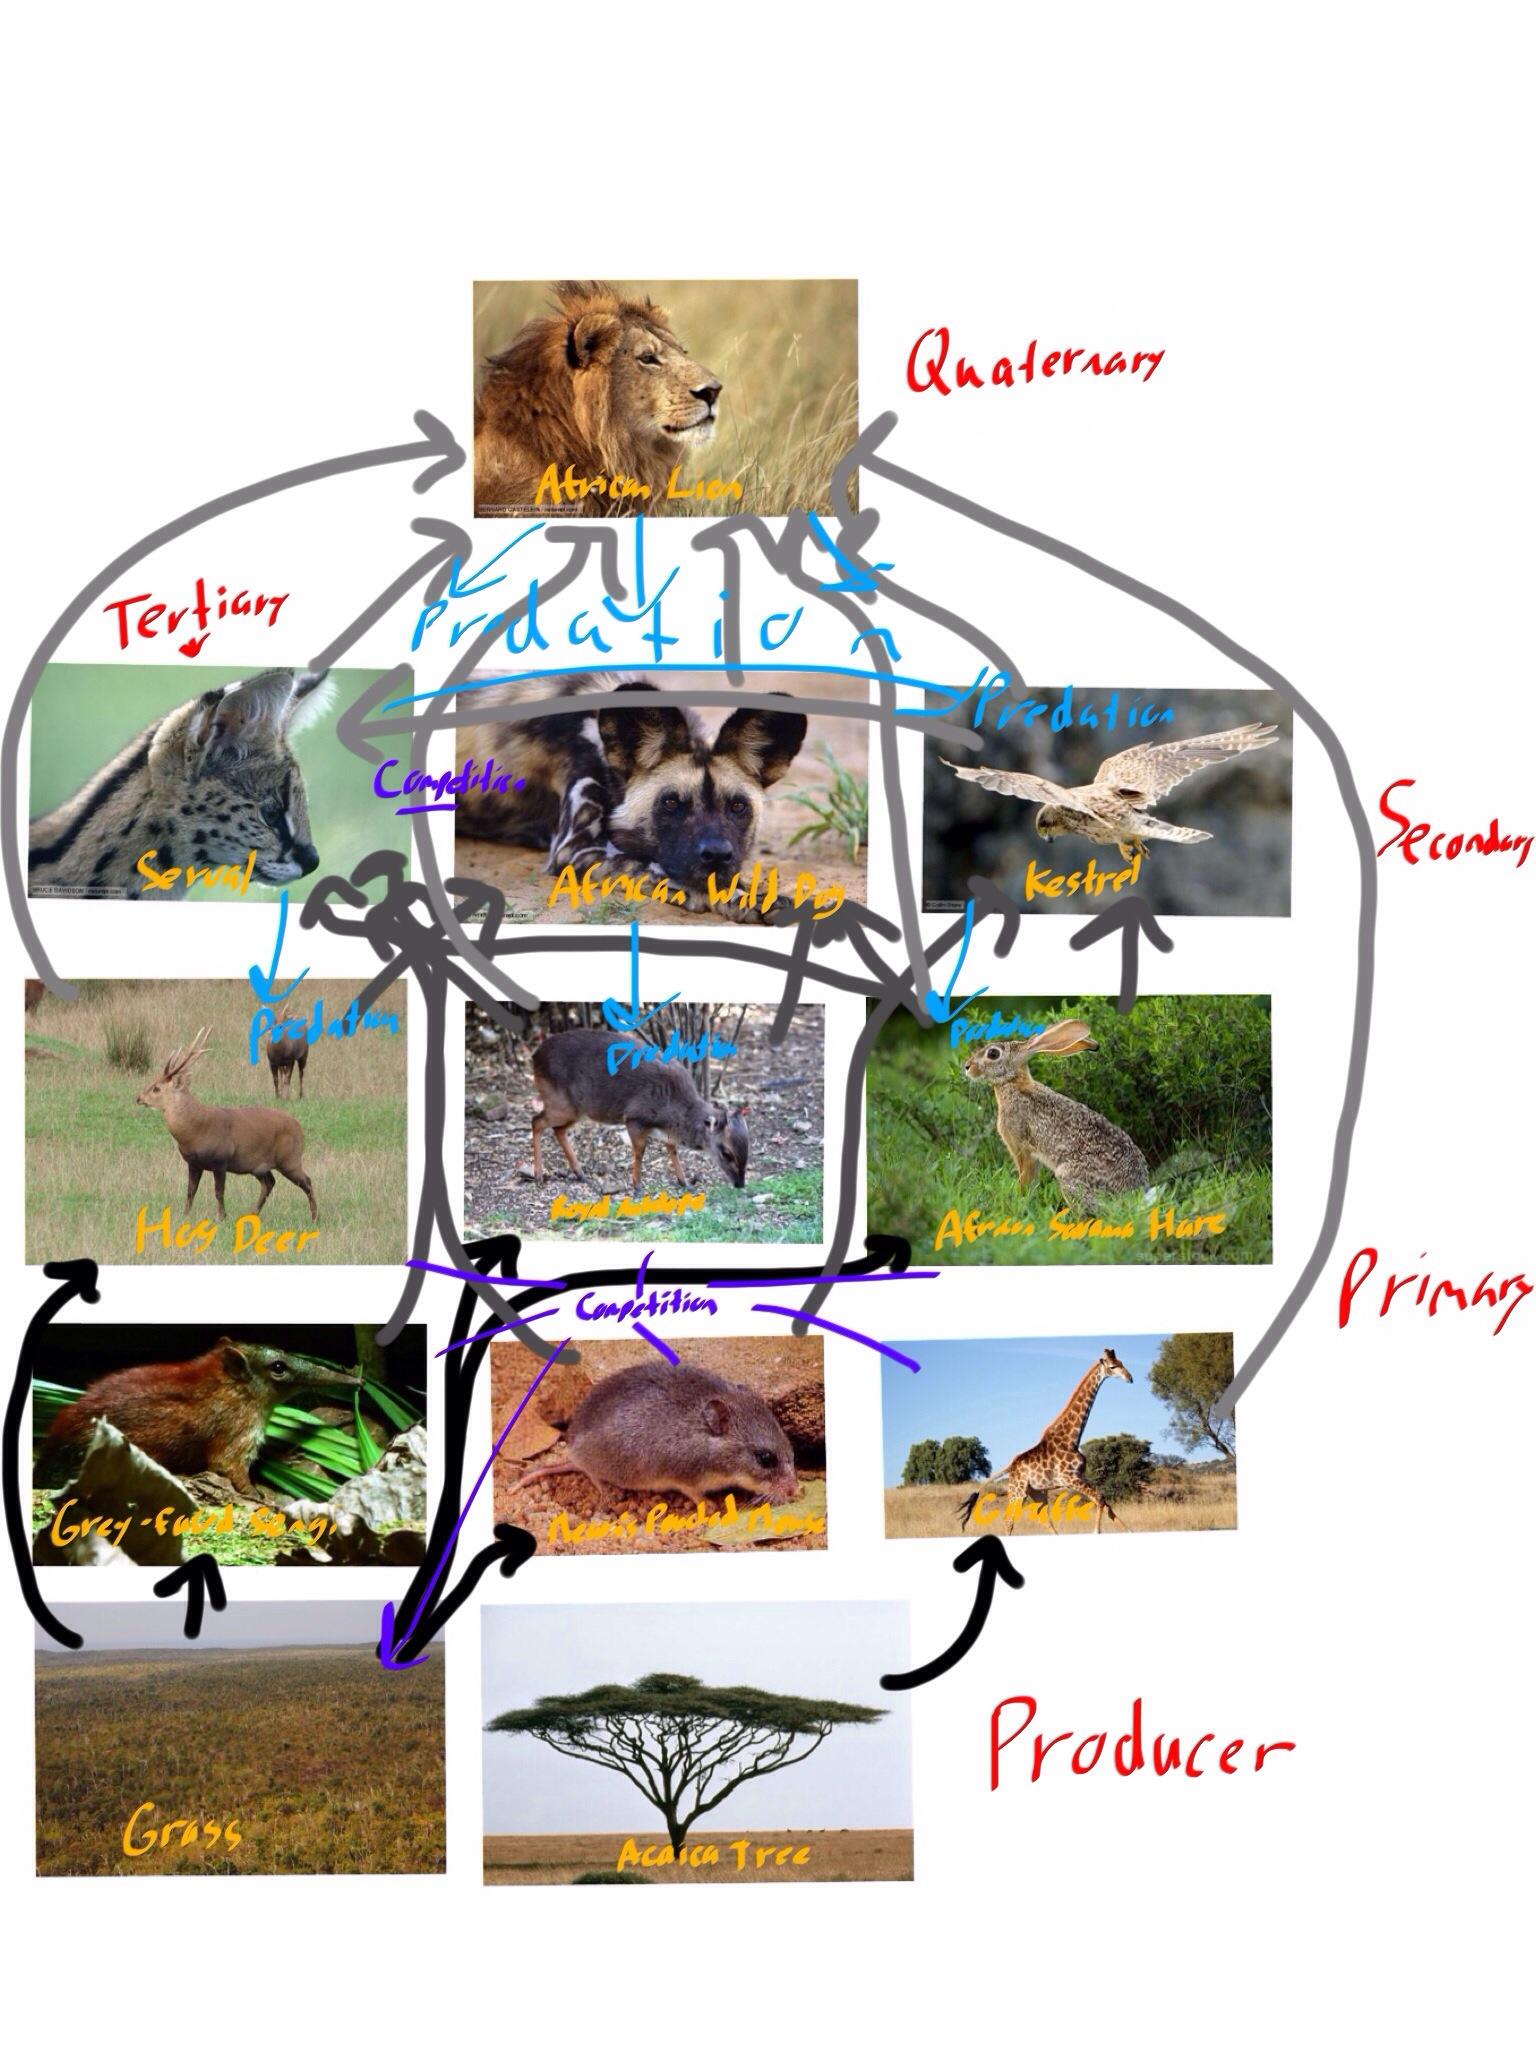 Food Web Food Pyramid